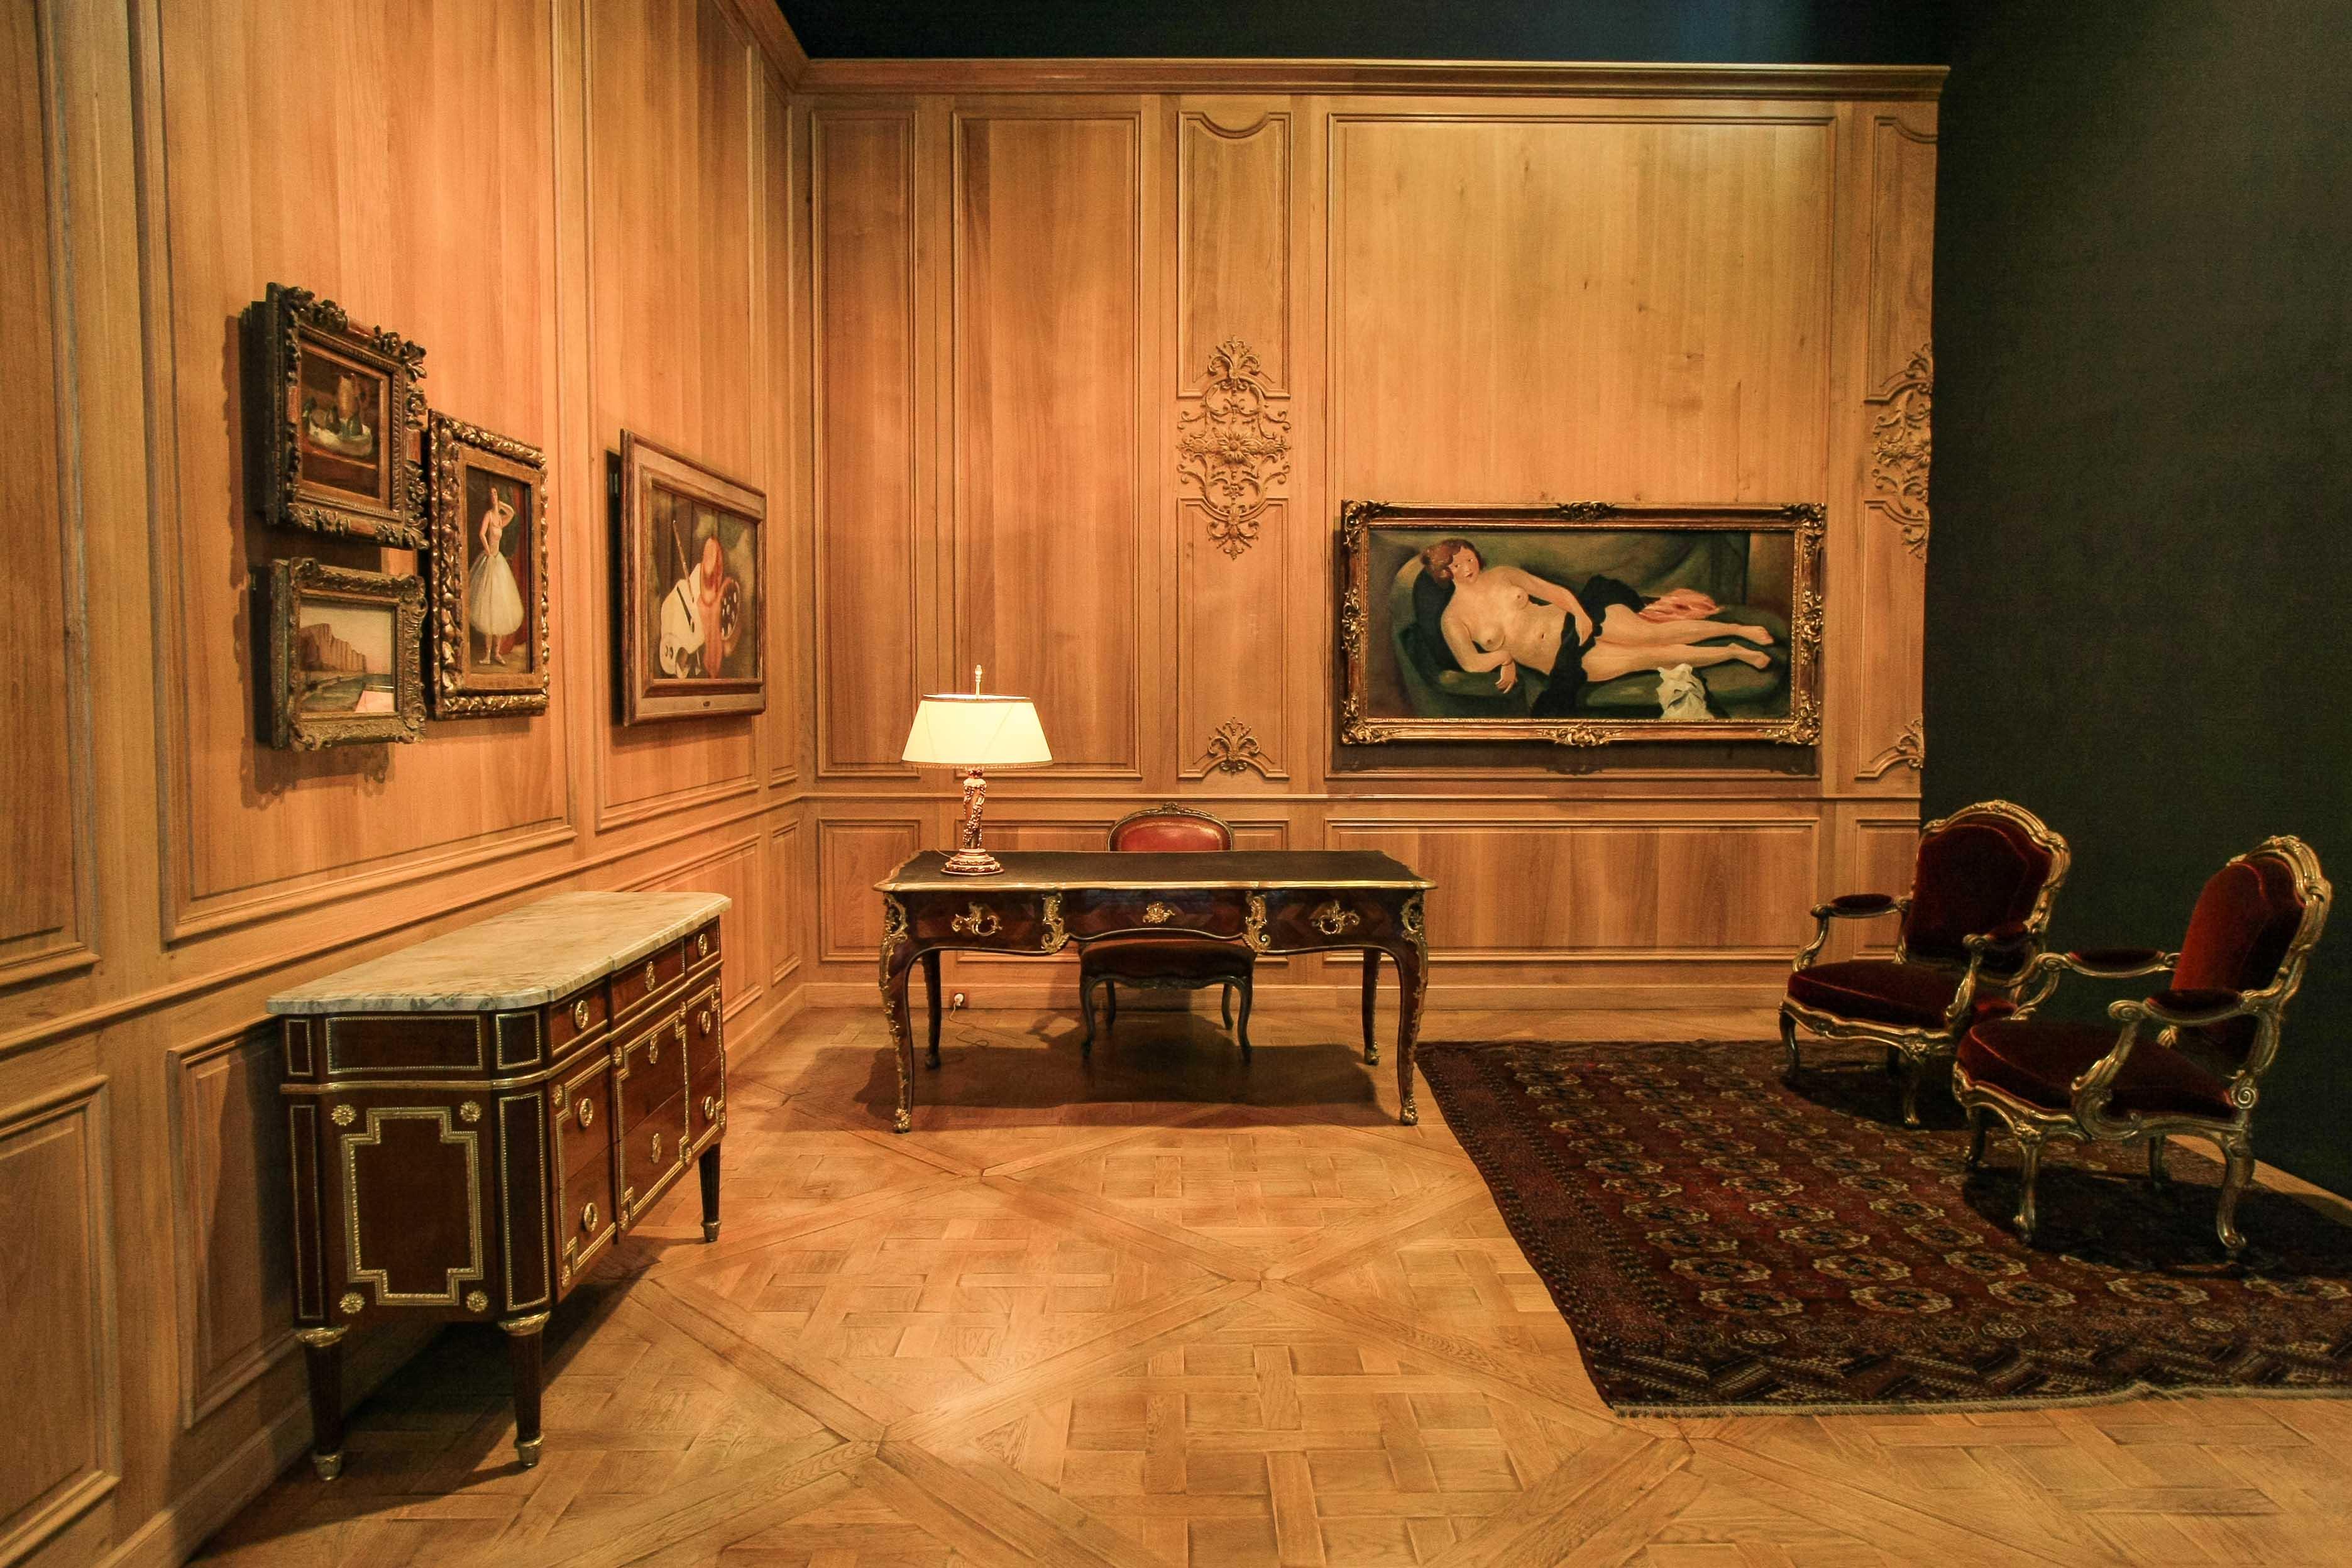 【フランス旅行】パリ オランジュリー美術館 ポール・ギヨーム邸の模型